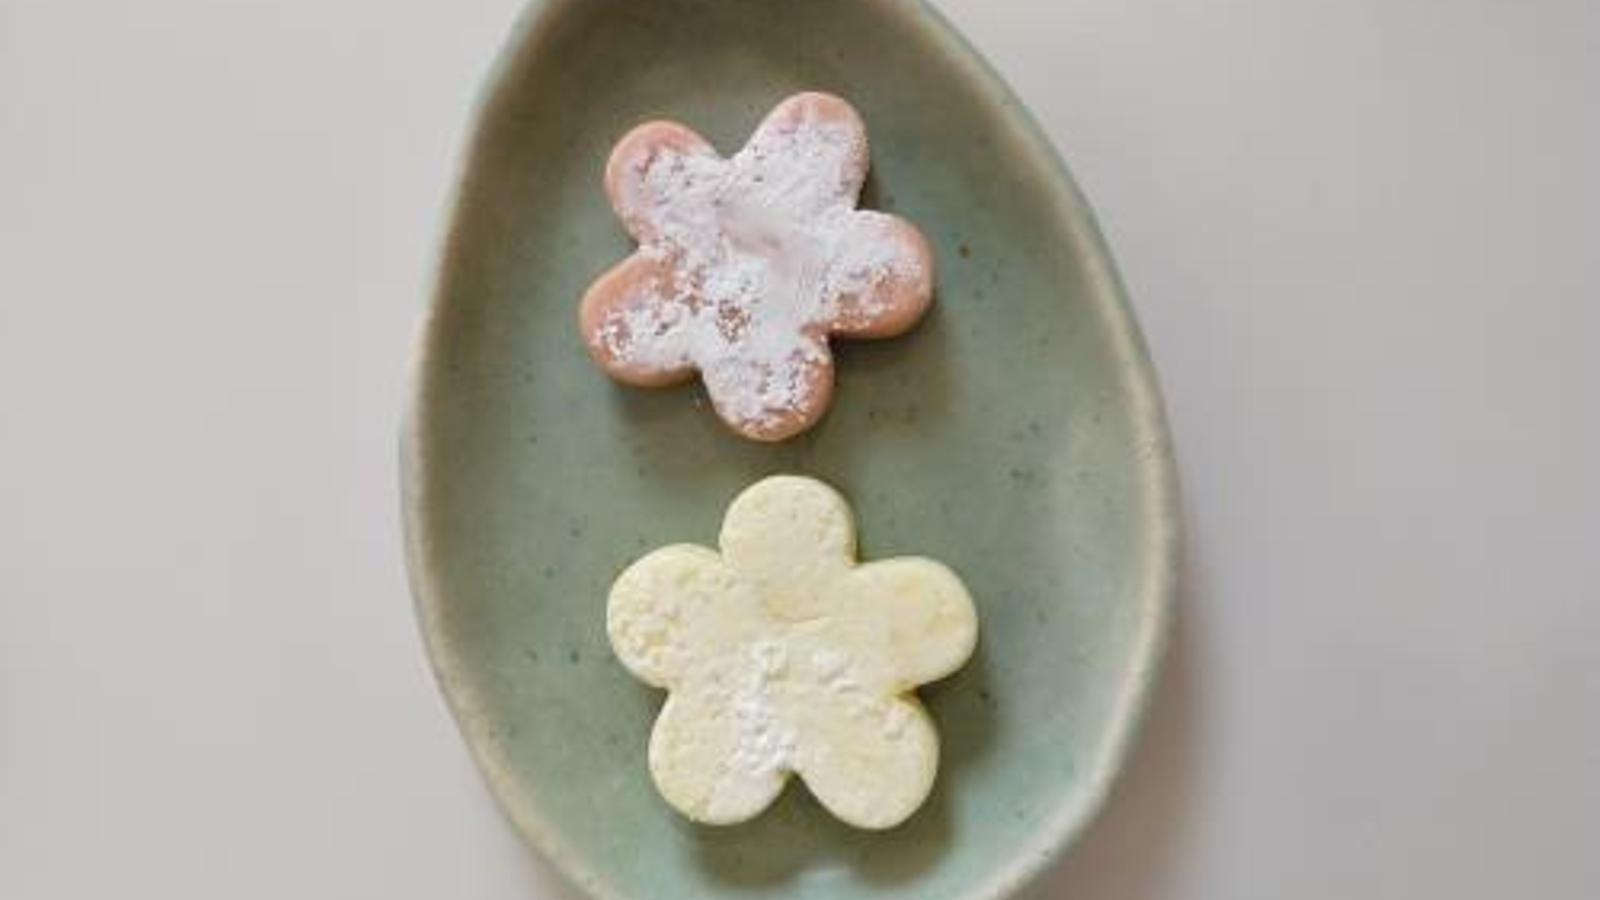 """L'artista Núria Deyà és l'autora d'una de les peces seleccionades sota el títol """"Arrecades motlle pastisset""""."""